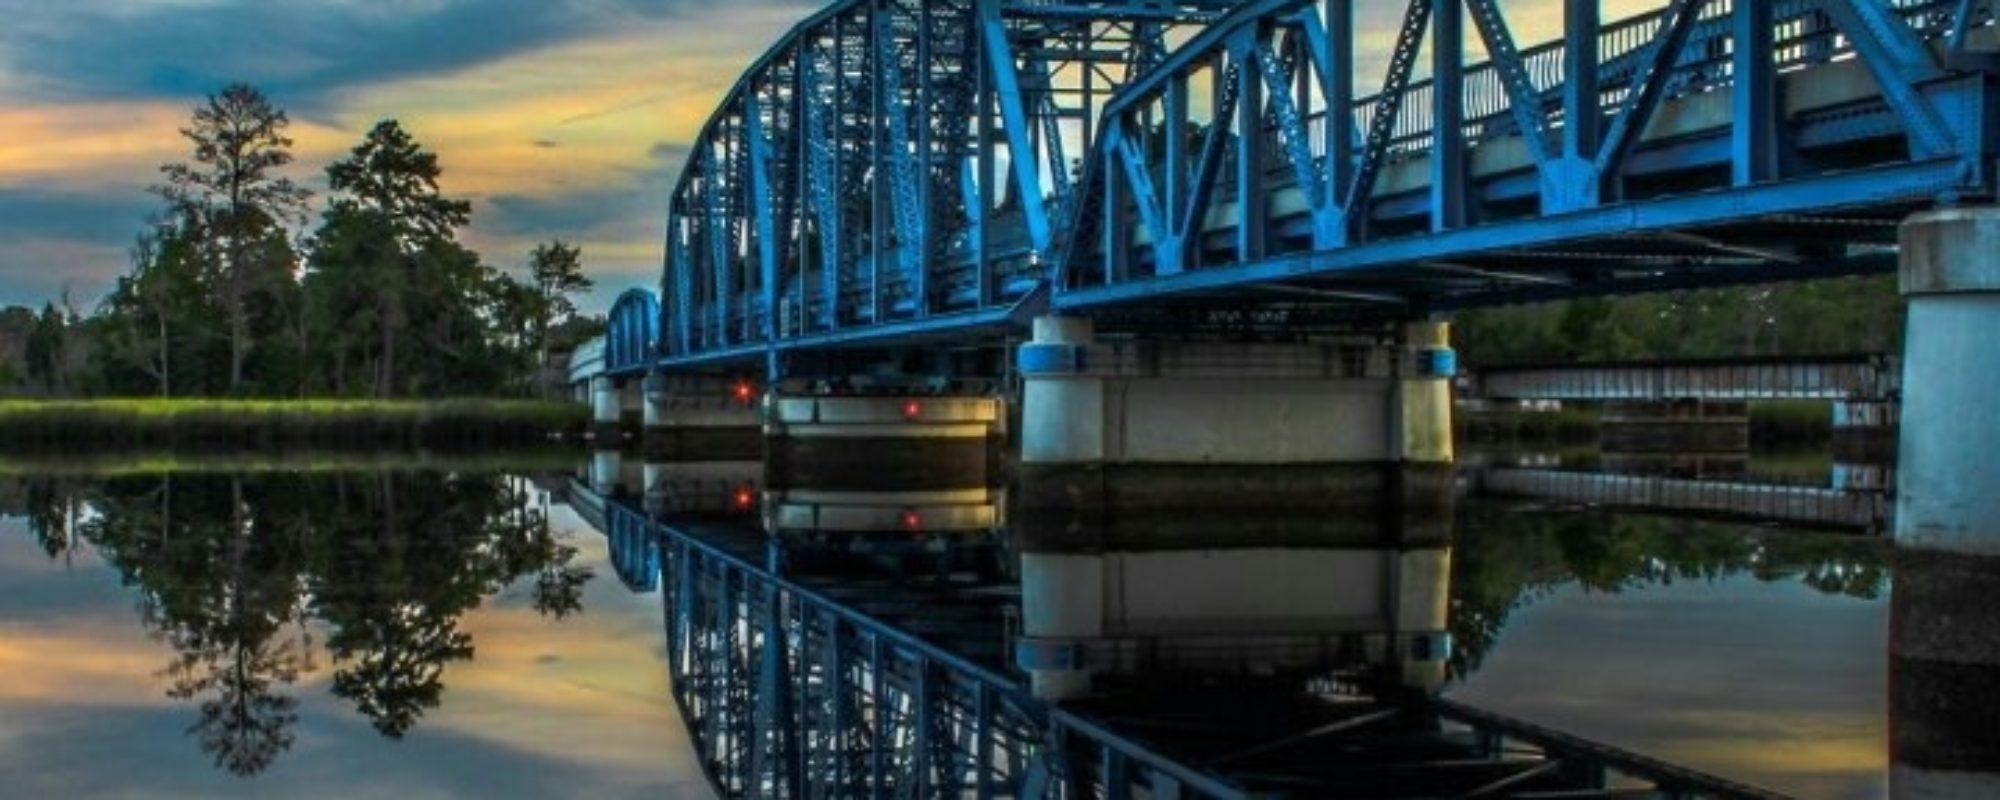 St. Mary's Bridge